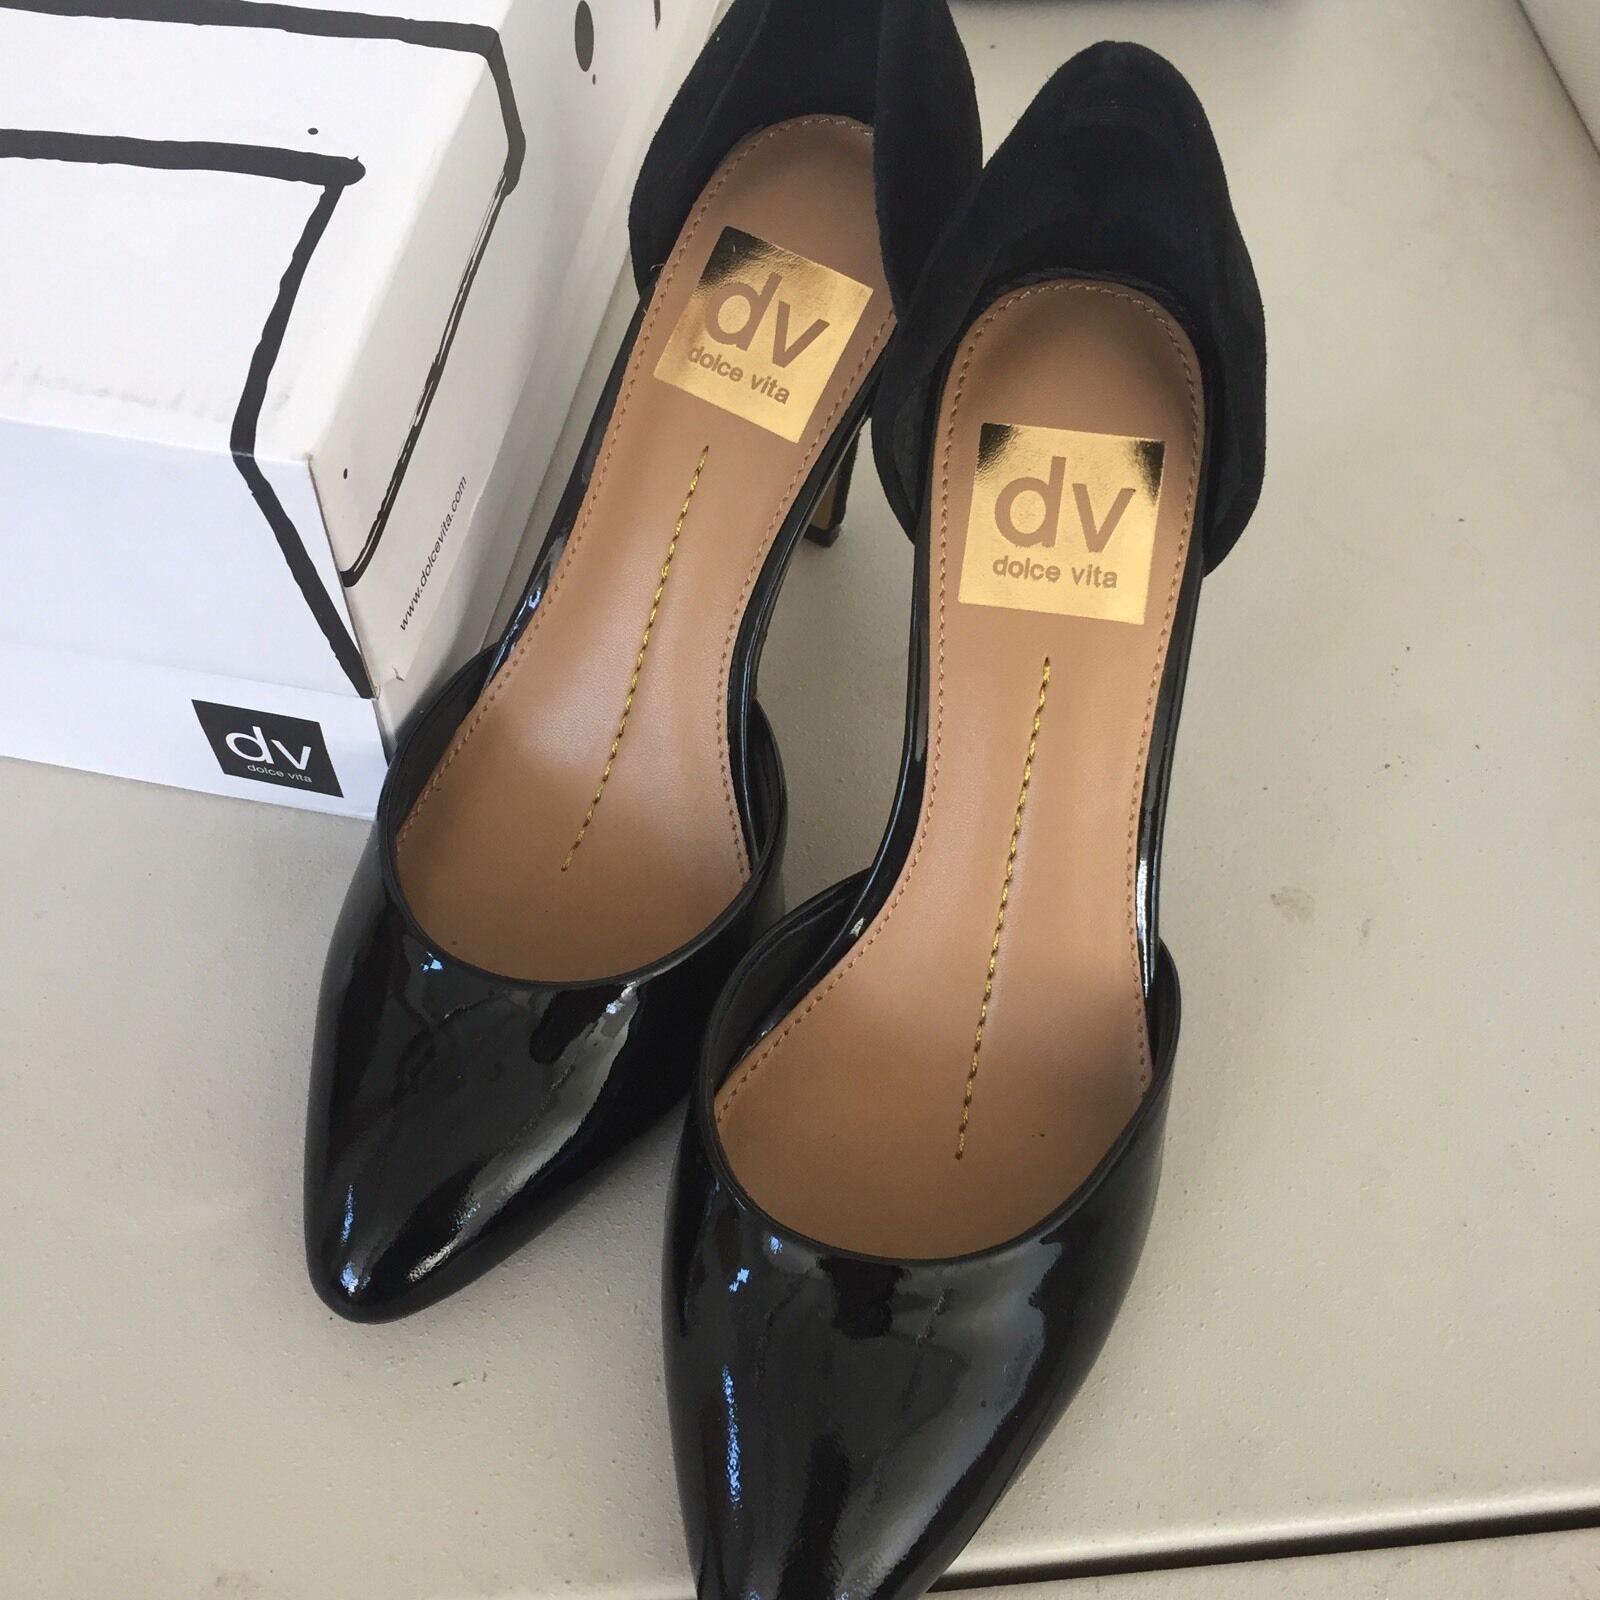 Dolce Vita Women Women Women Leather Black High Heels Size 6 4c9188